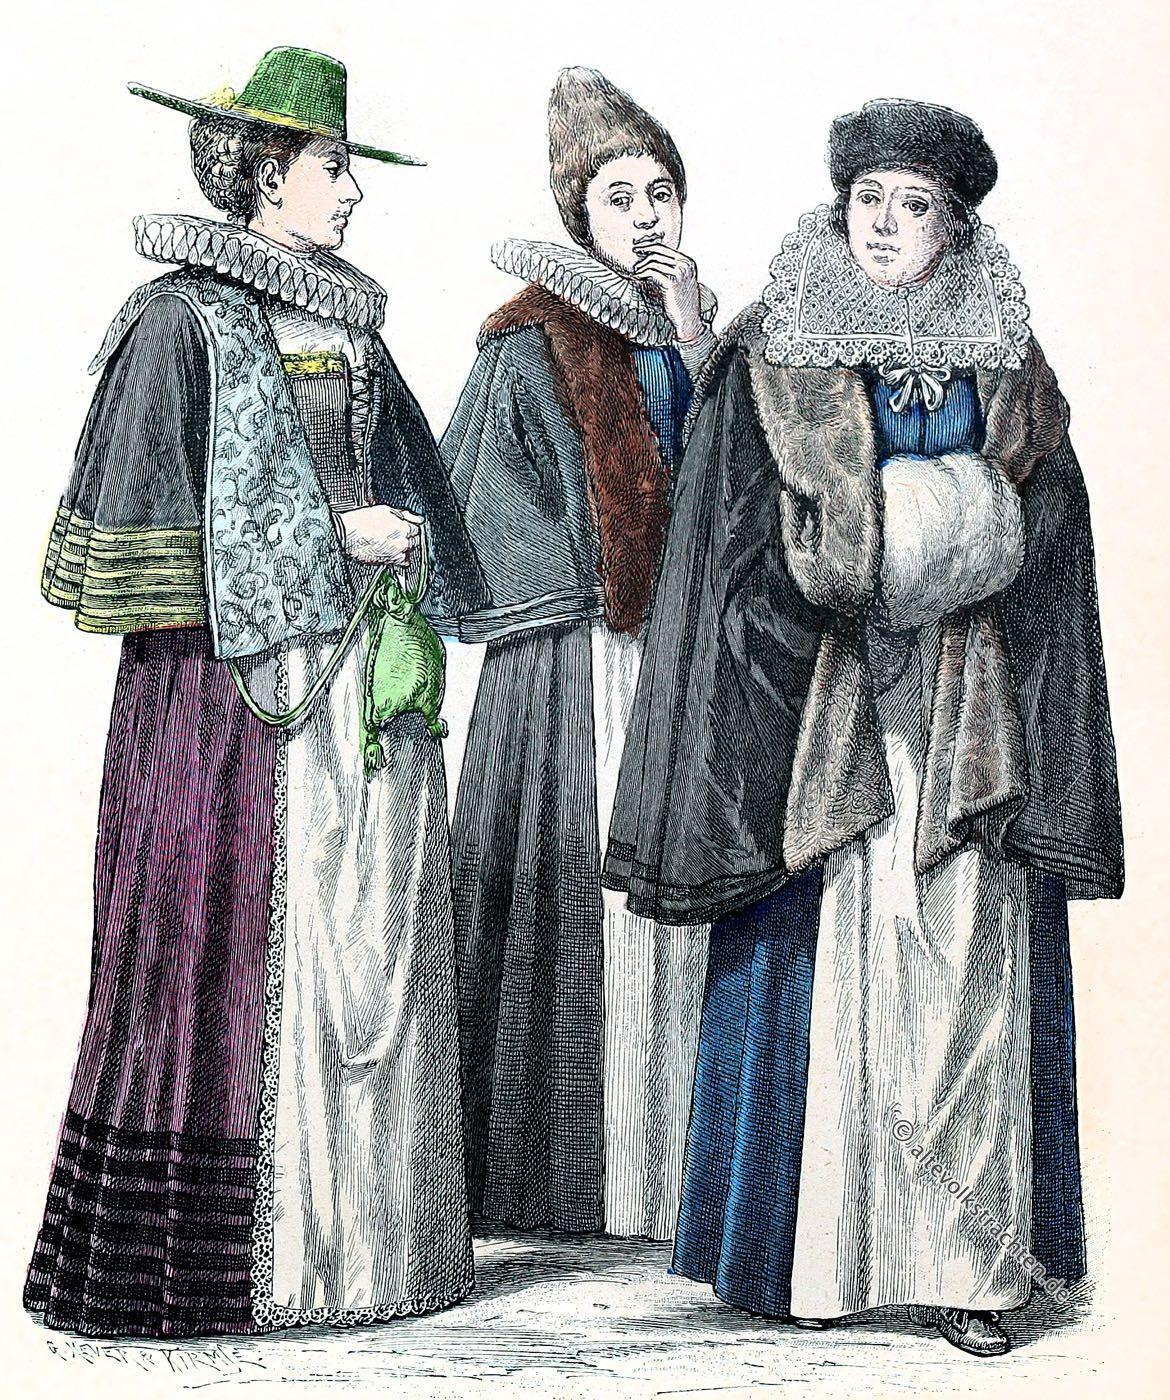 Münchener Bilderbogen, Trachten, Kostüme, Barock, München, Nürnberg, Wien, Frauentrachten